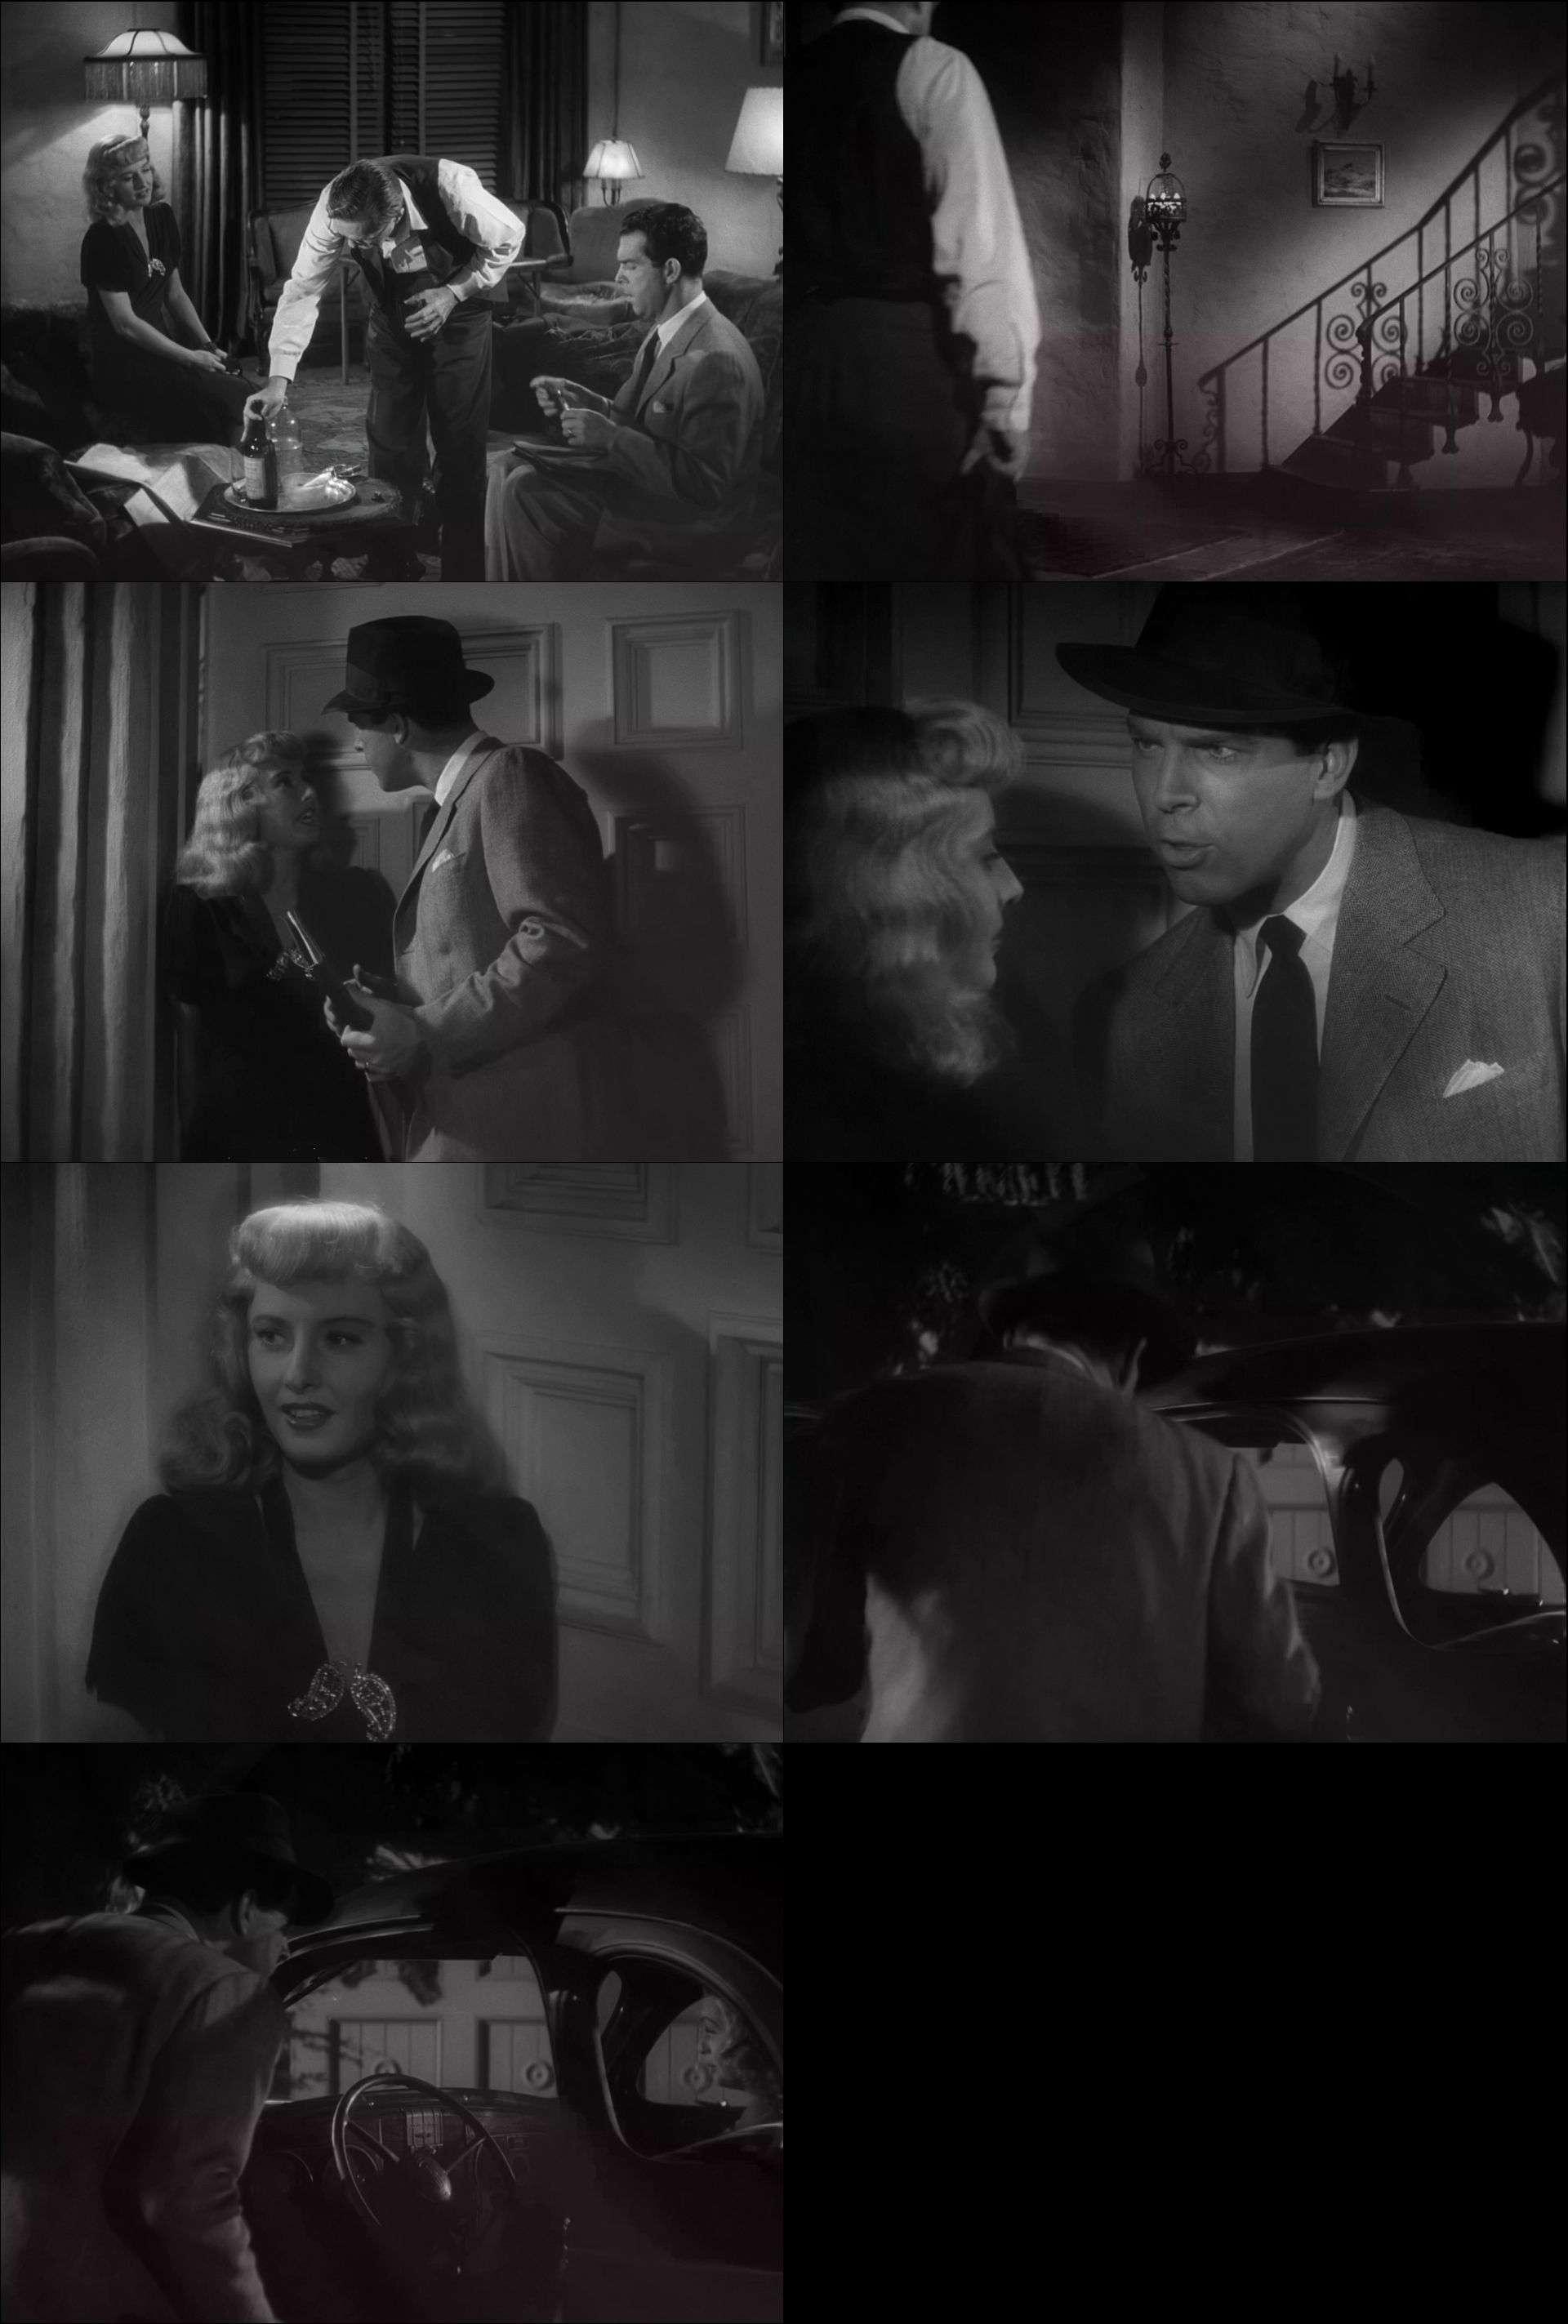 Çifte Tazminat - Double Indemnity (1944) türkçe altyazılı film indir